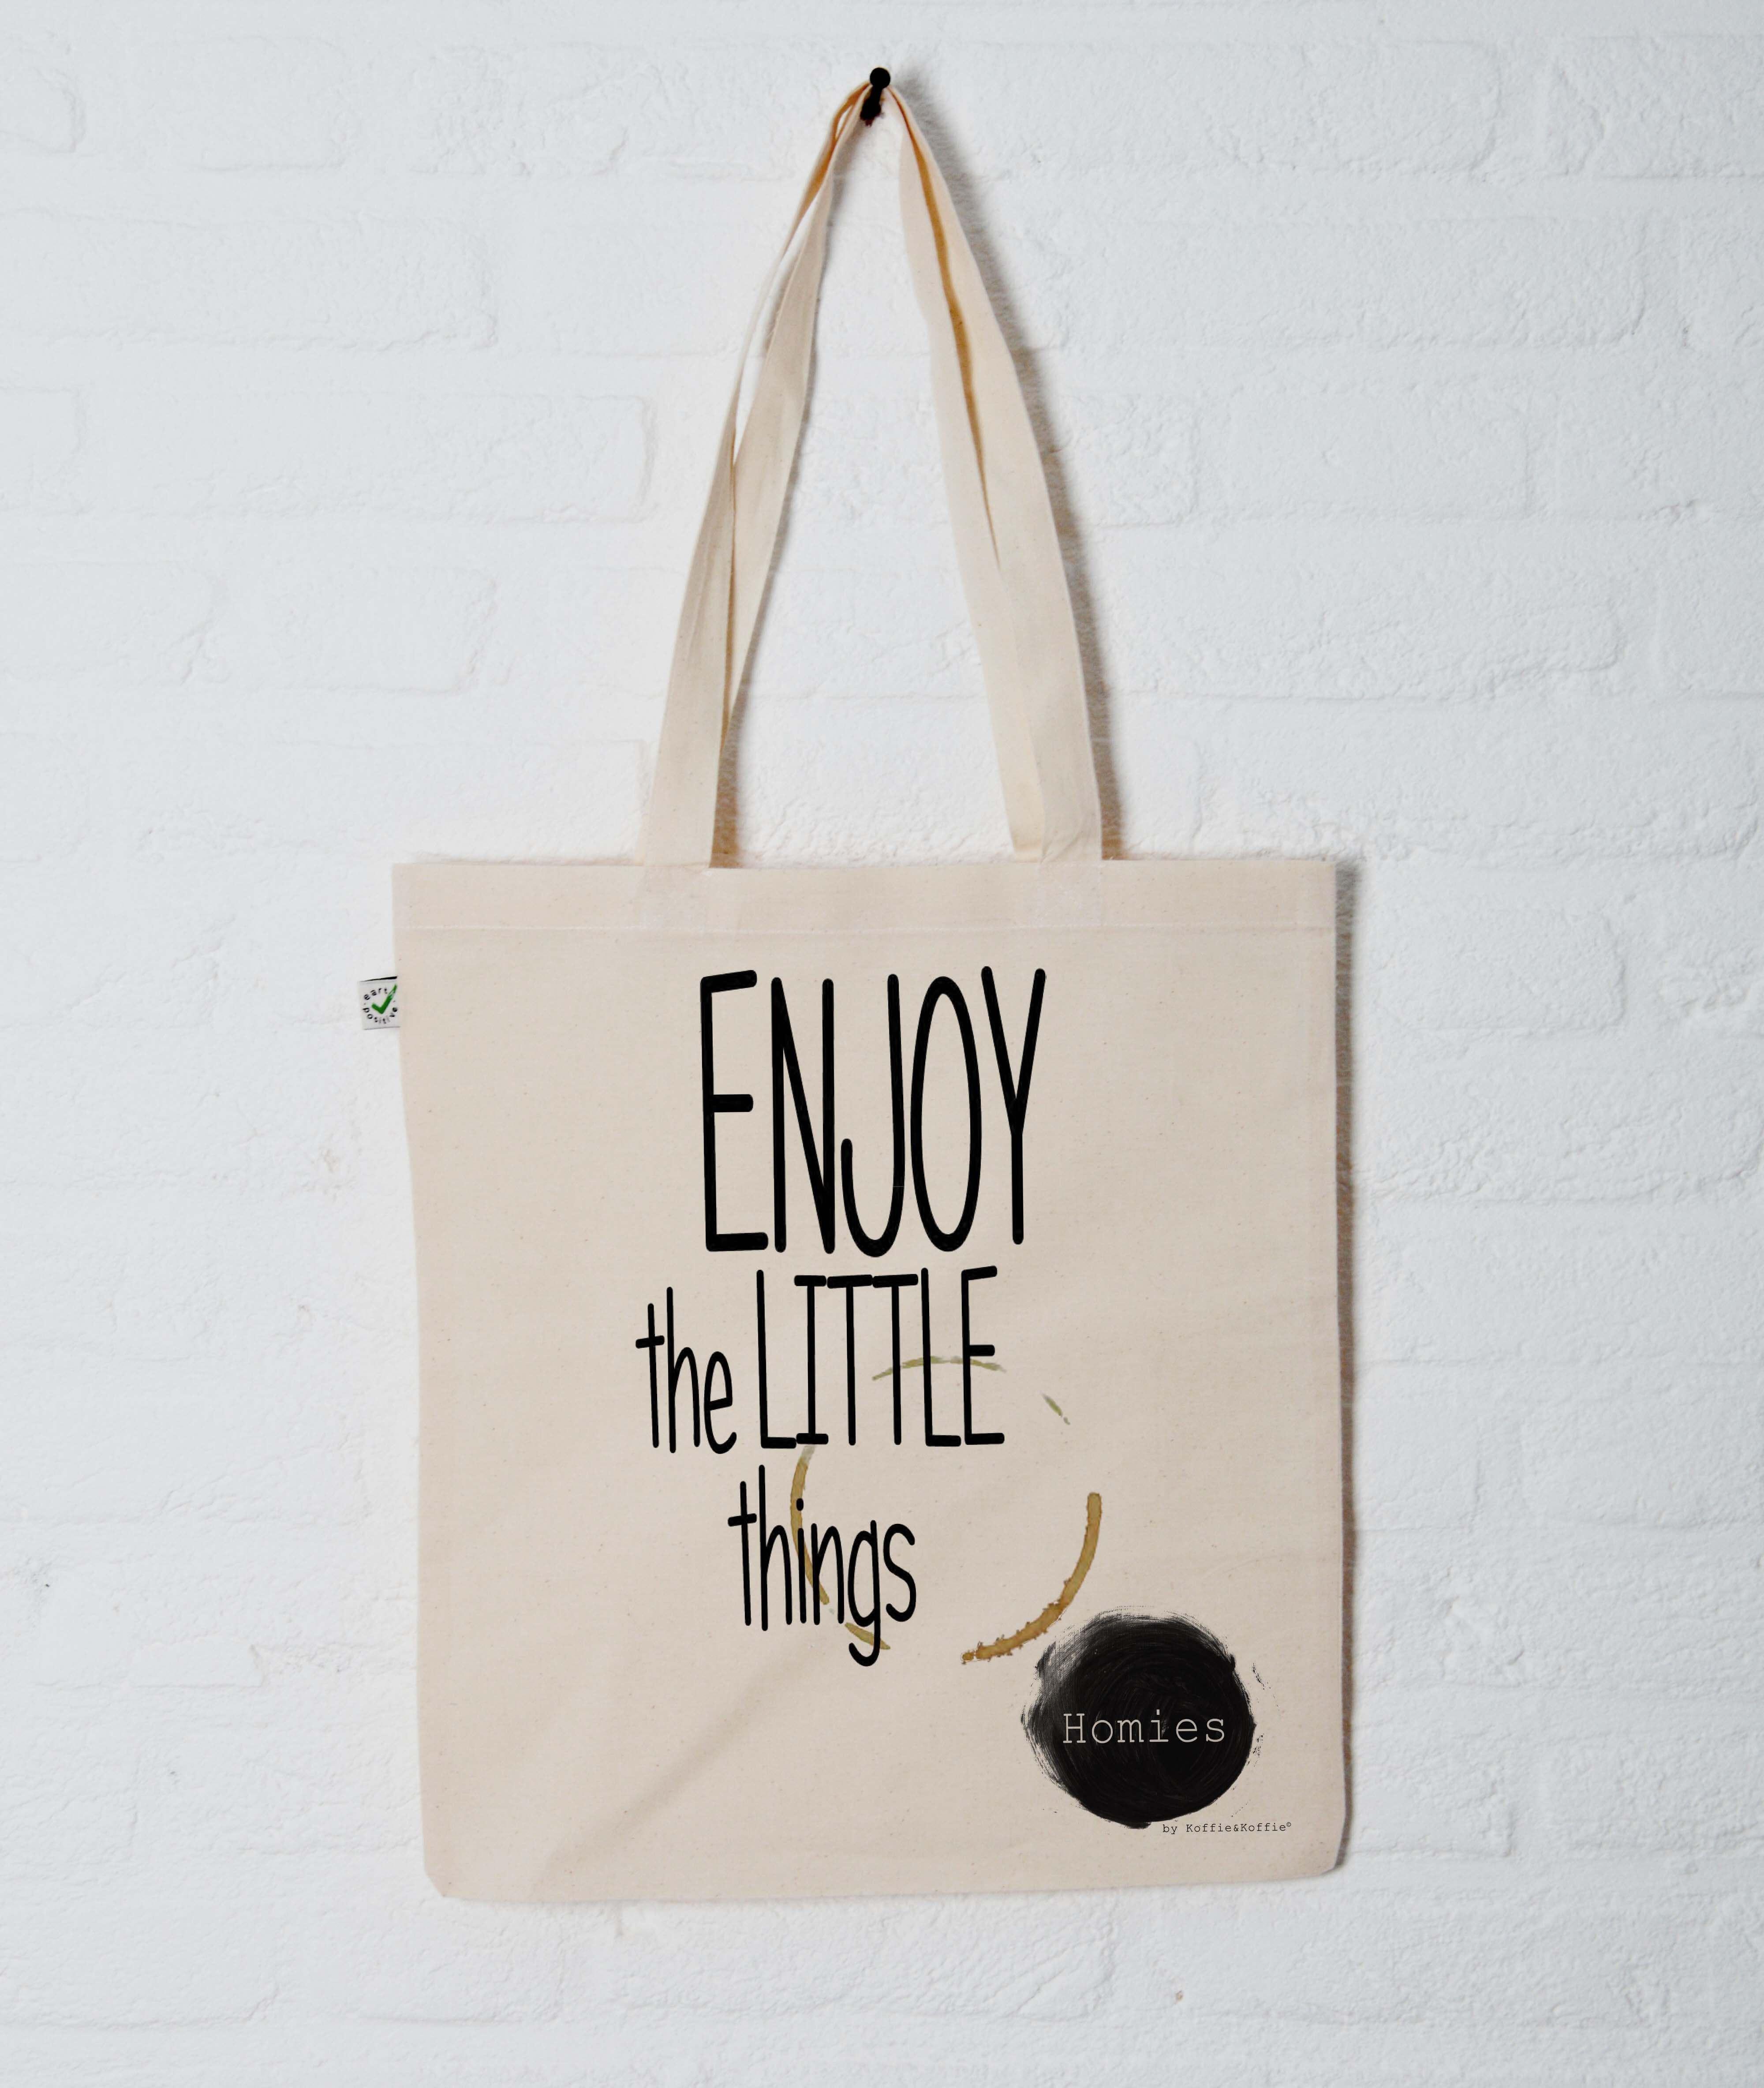 Homies tas – Enjoy the little things